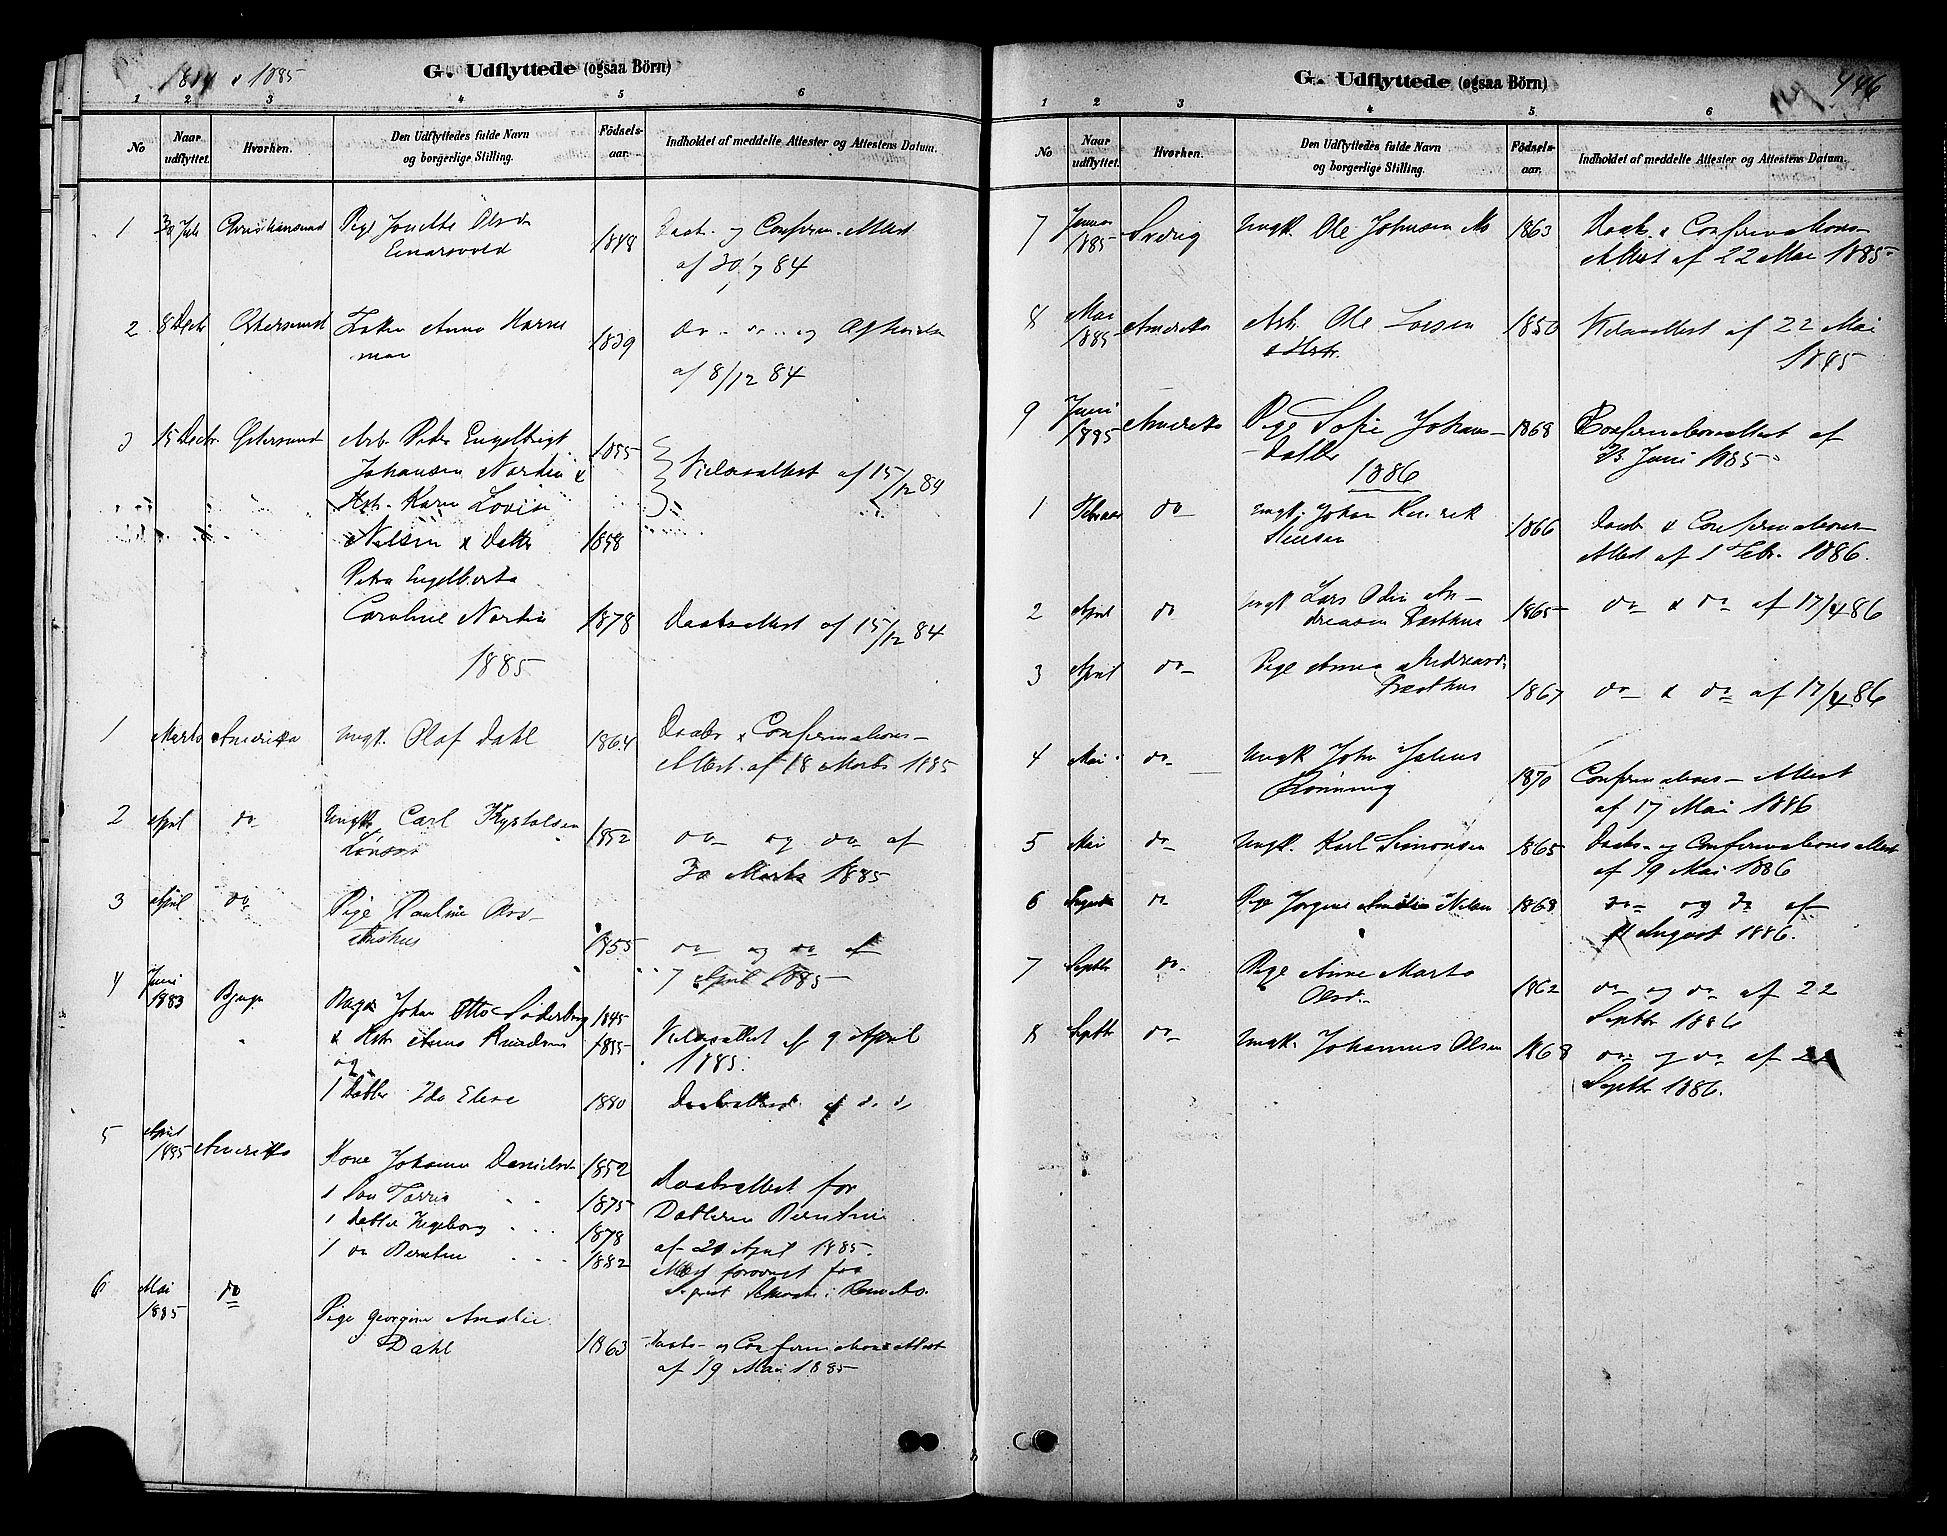 SAT, Ministerialprotokoller, klokkerbøker og fødselsregistre - Sør-Trøndelag, 606/L0294: Ministerialbok nr. 606A09, 1878-1886, s. 446